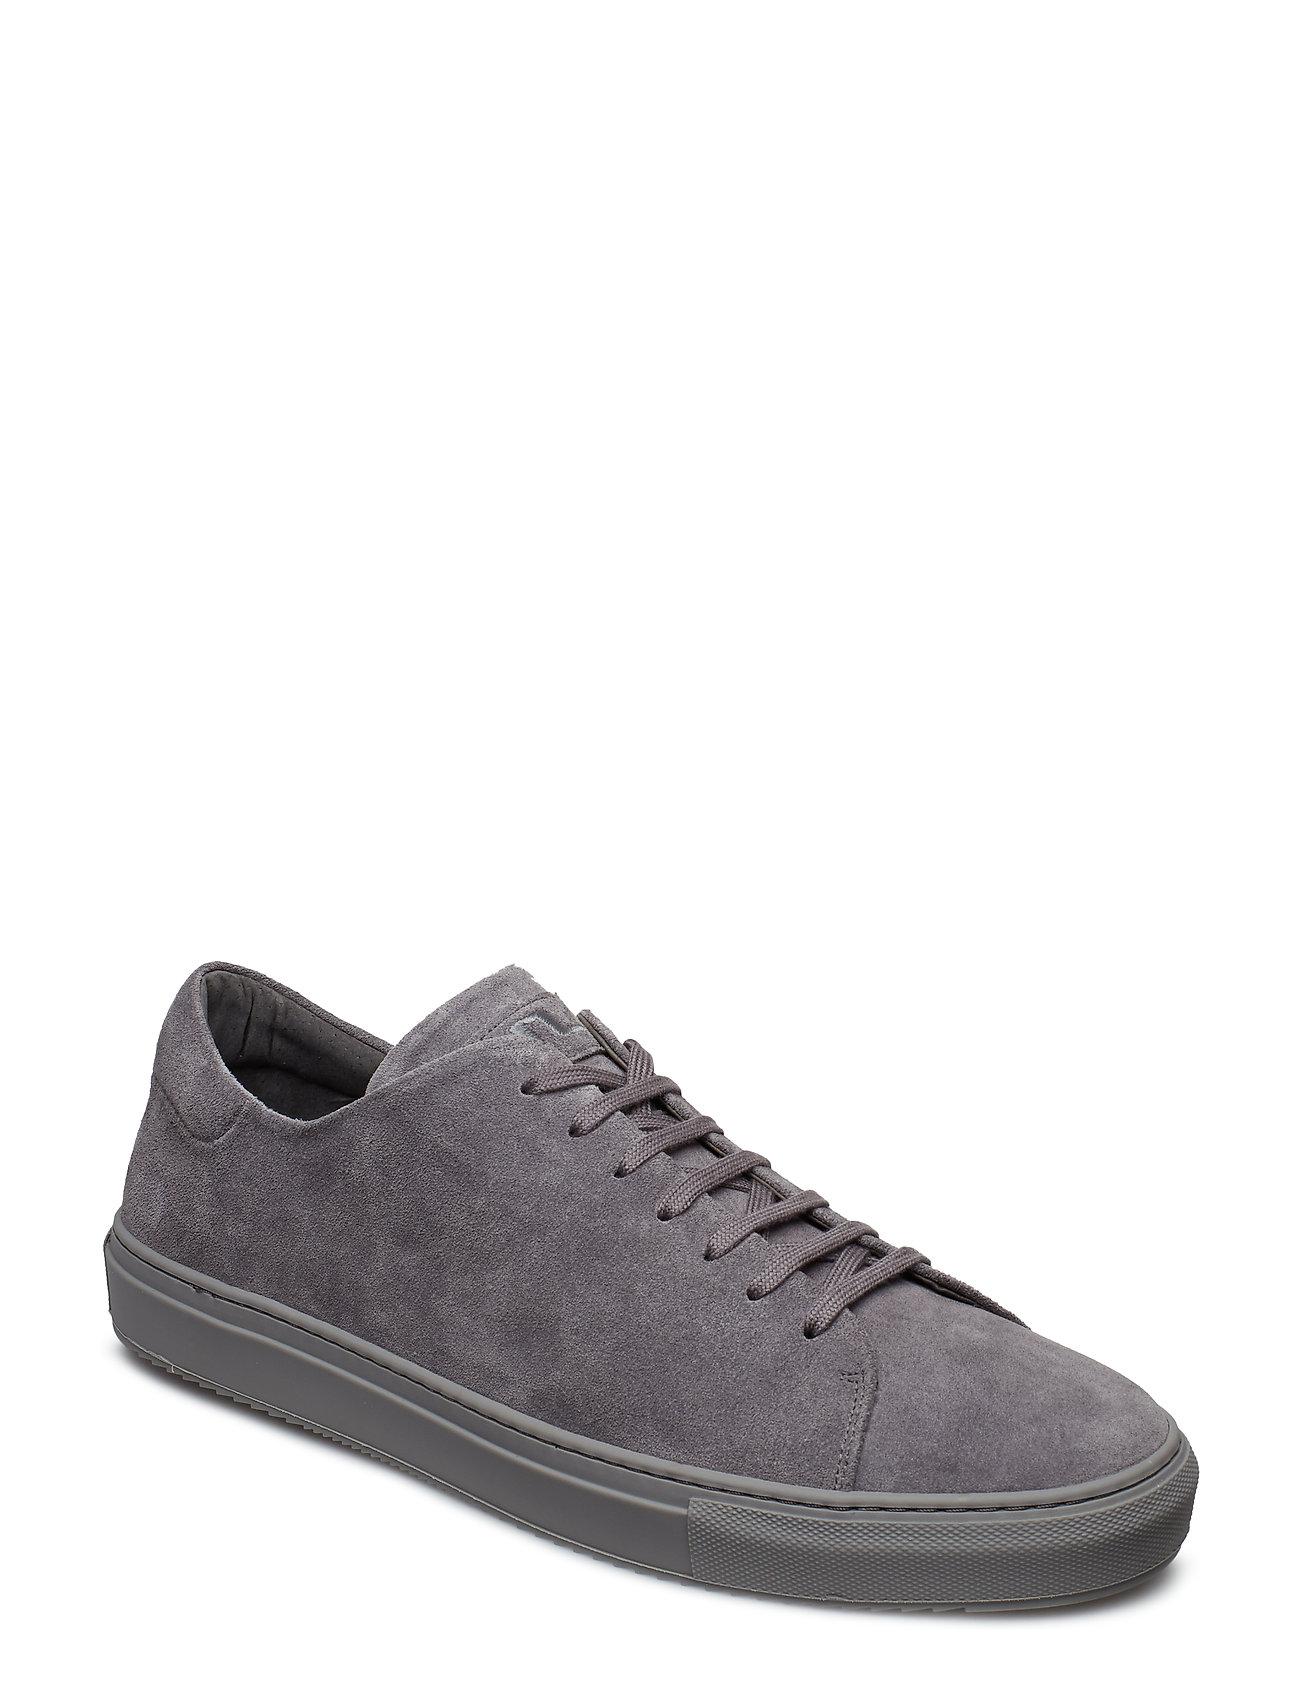 Image of Sneaker Lt Block Suede Low-top Sneakers Grå J. LINDEBERG (3118025175)